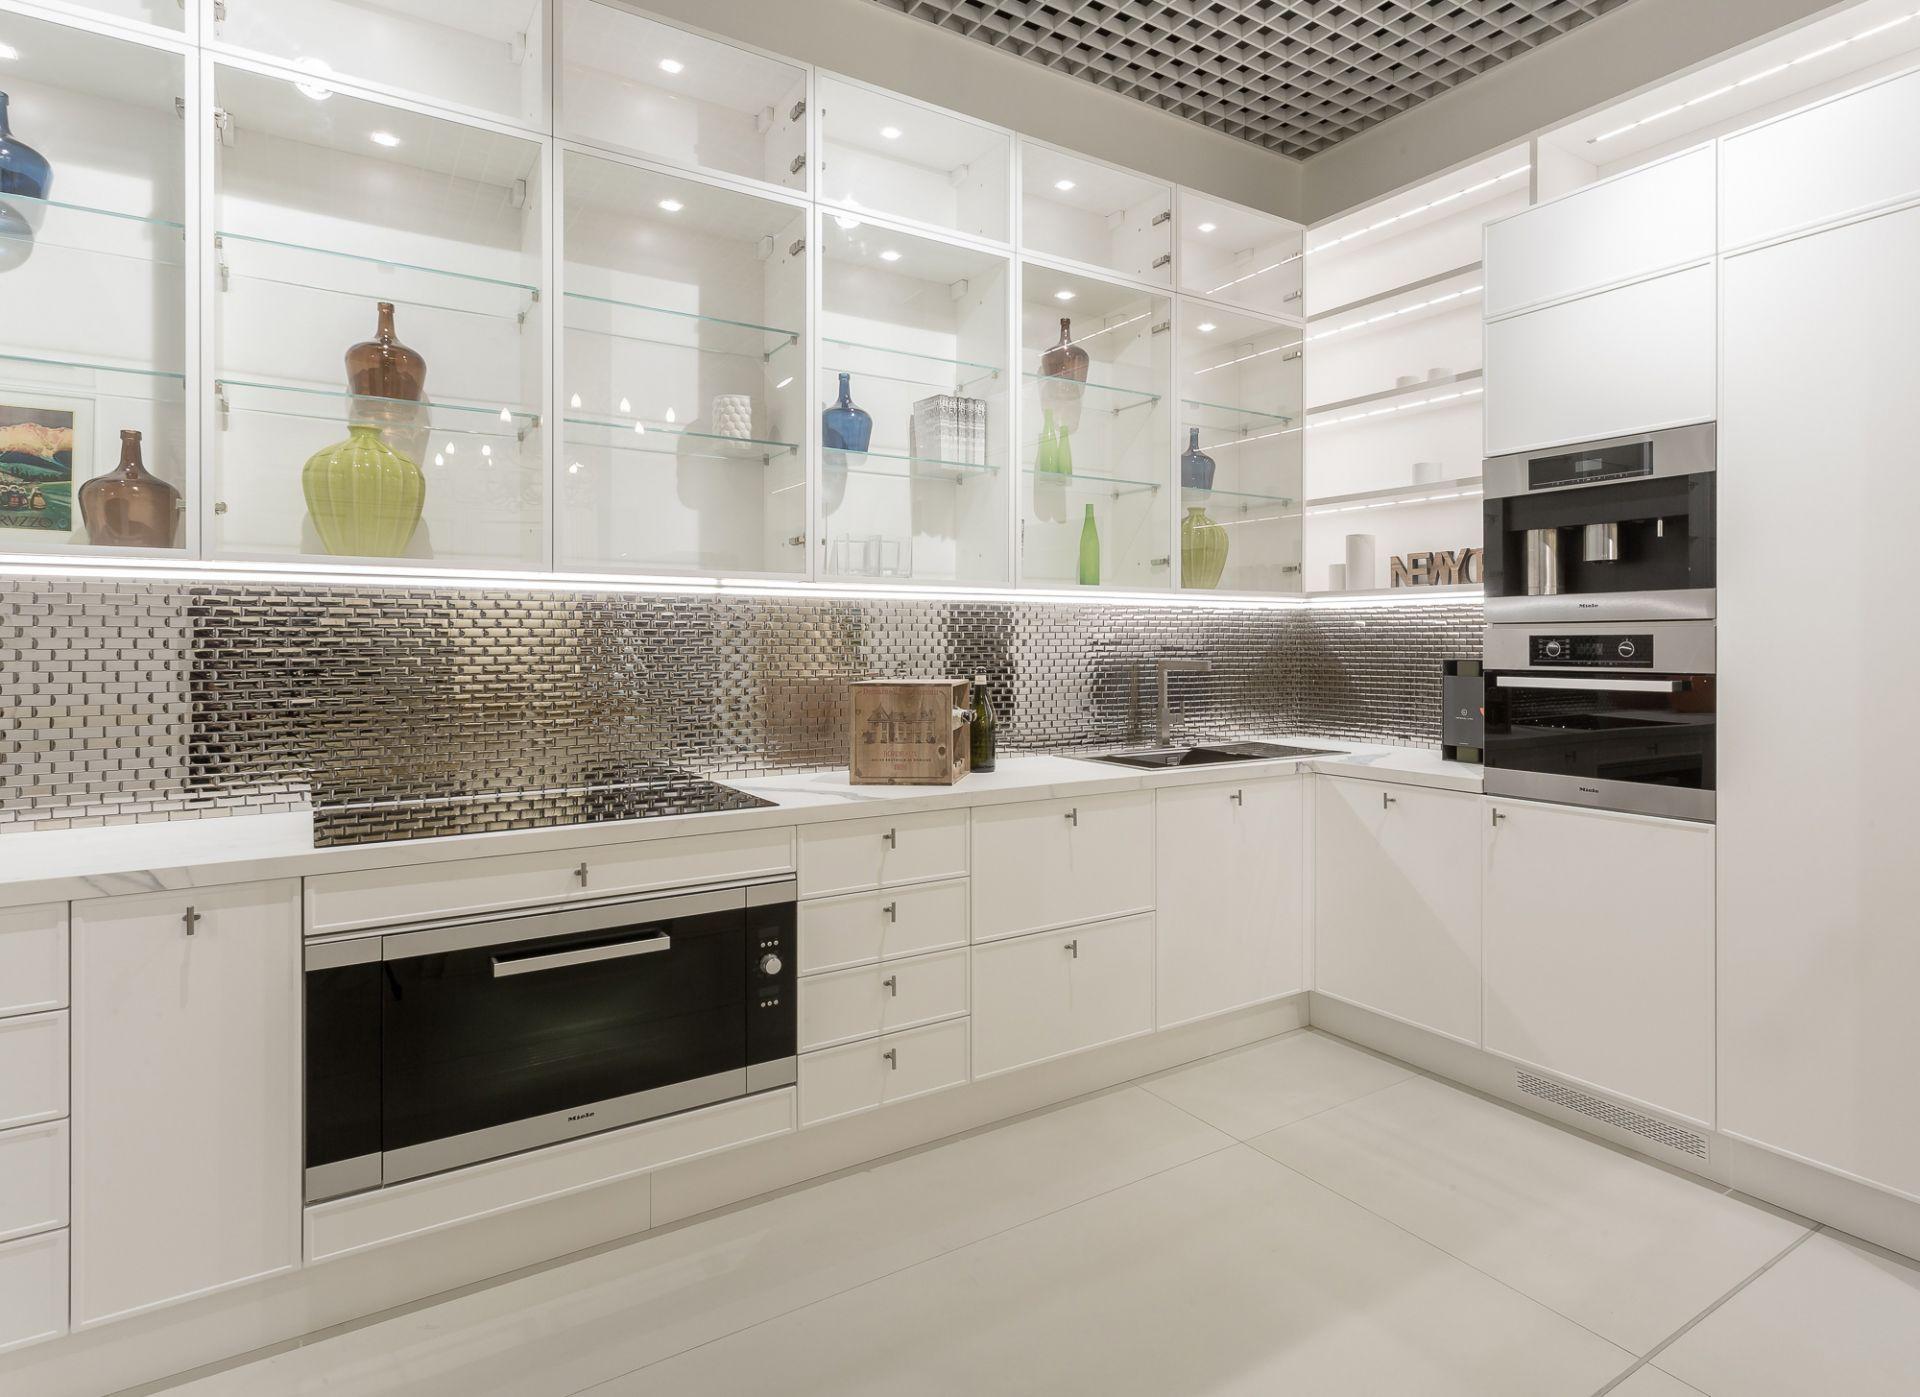 Кухня Kant в комментариях дизайнера Андрея Андреевского